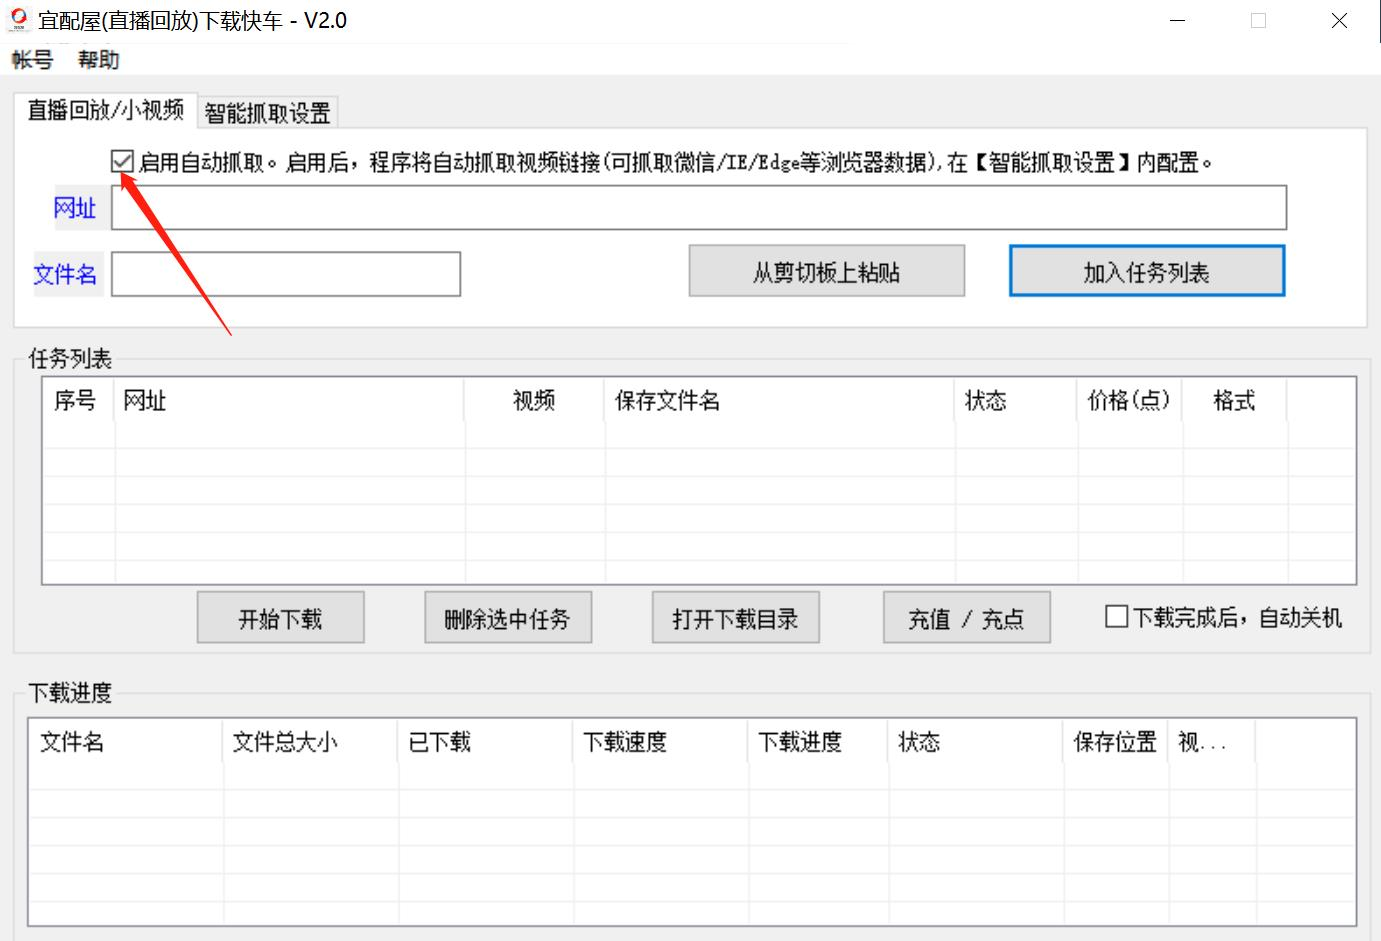 宜配屋下载快车启用自动抓取后,网页无法打开的解决方法